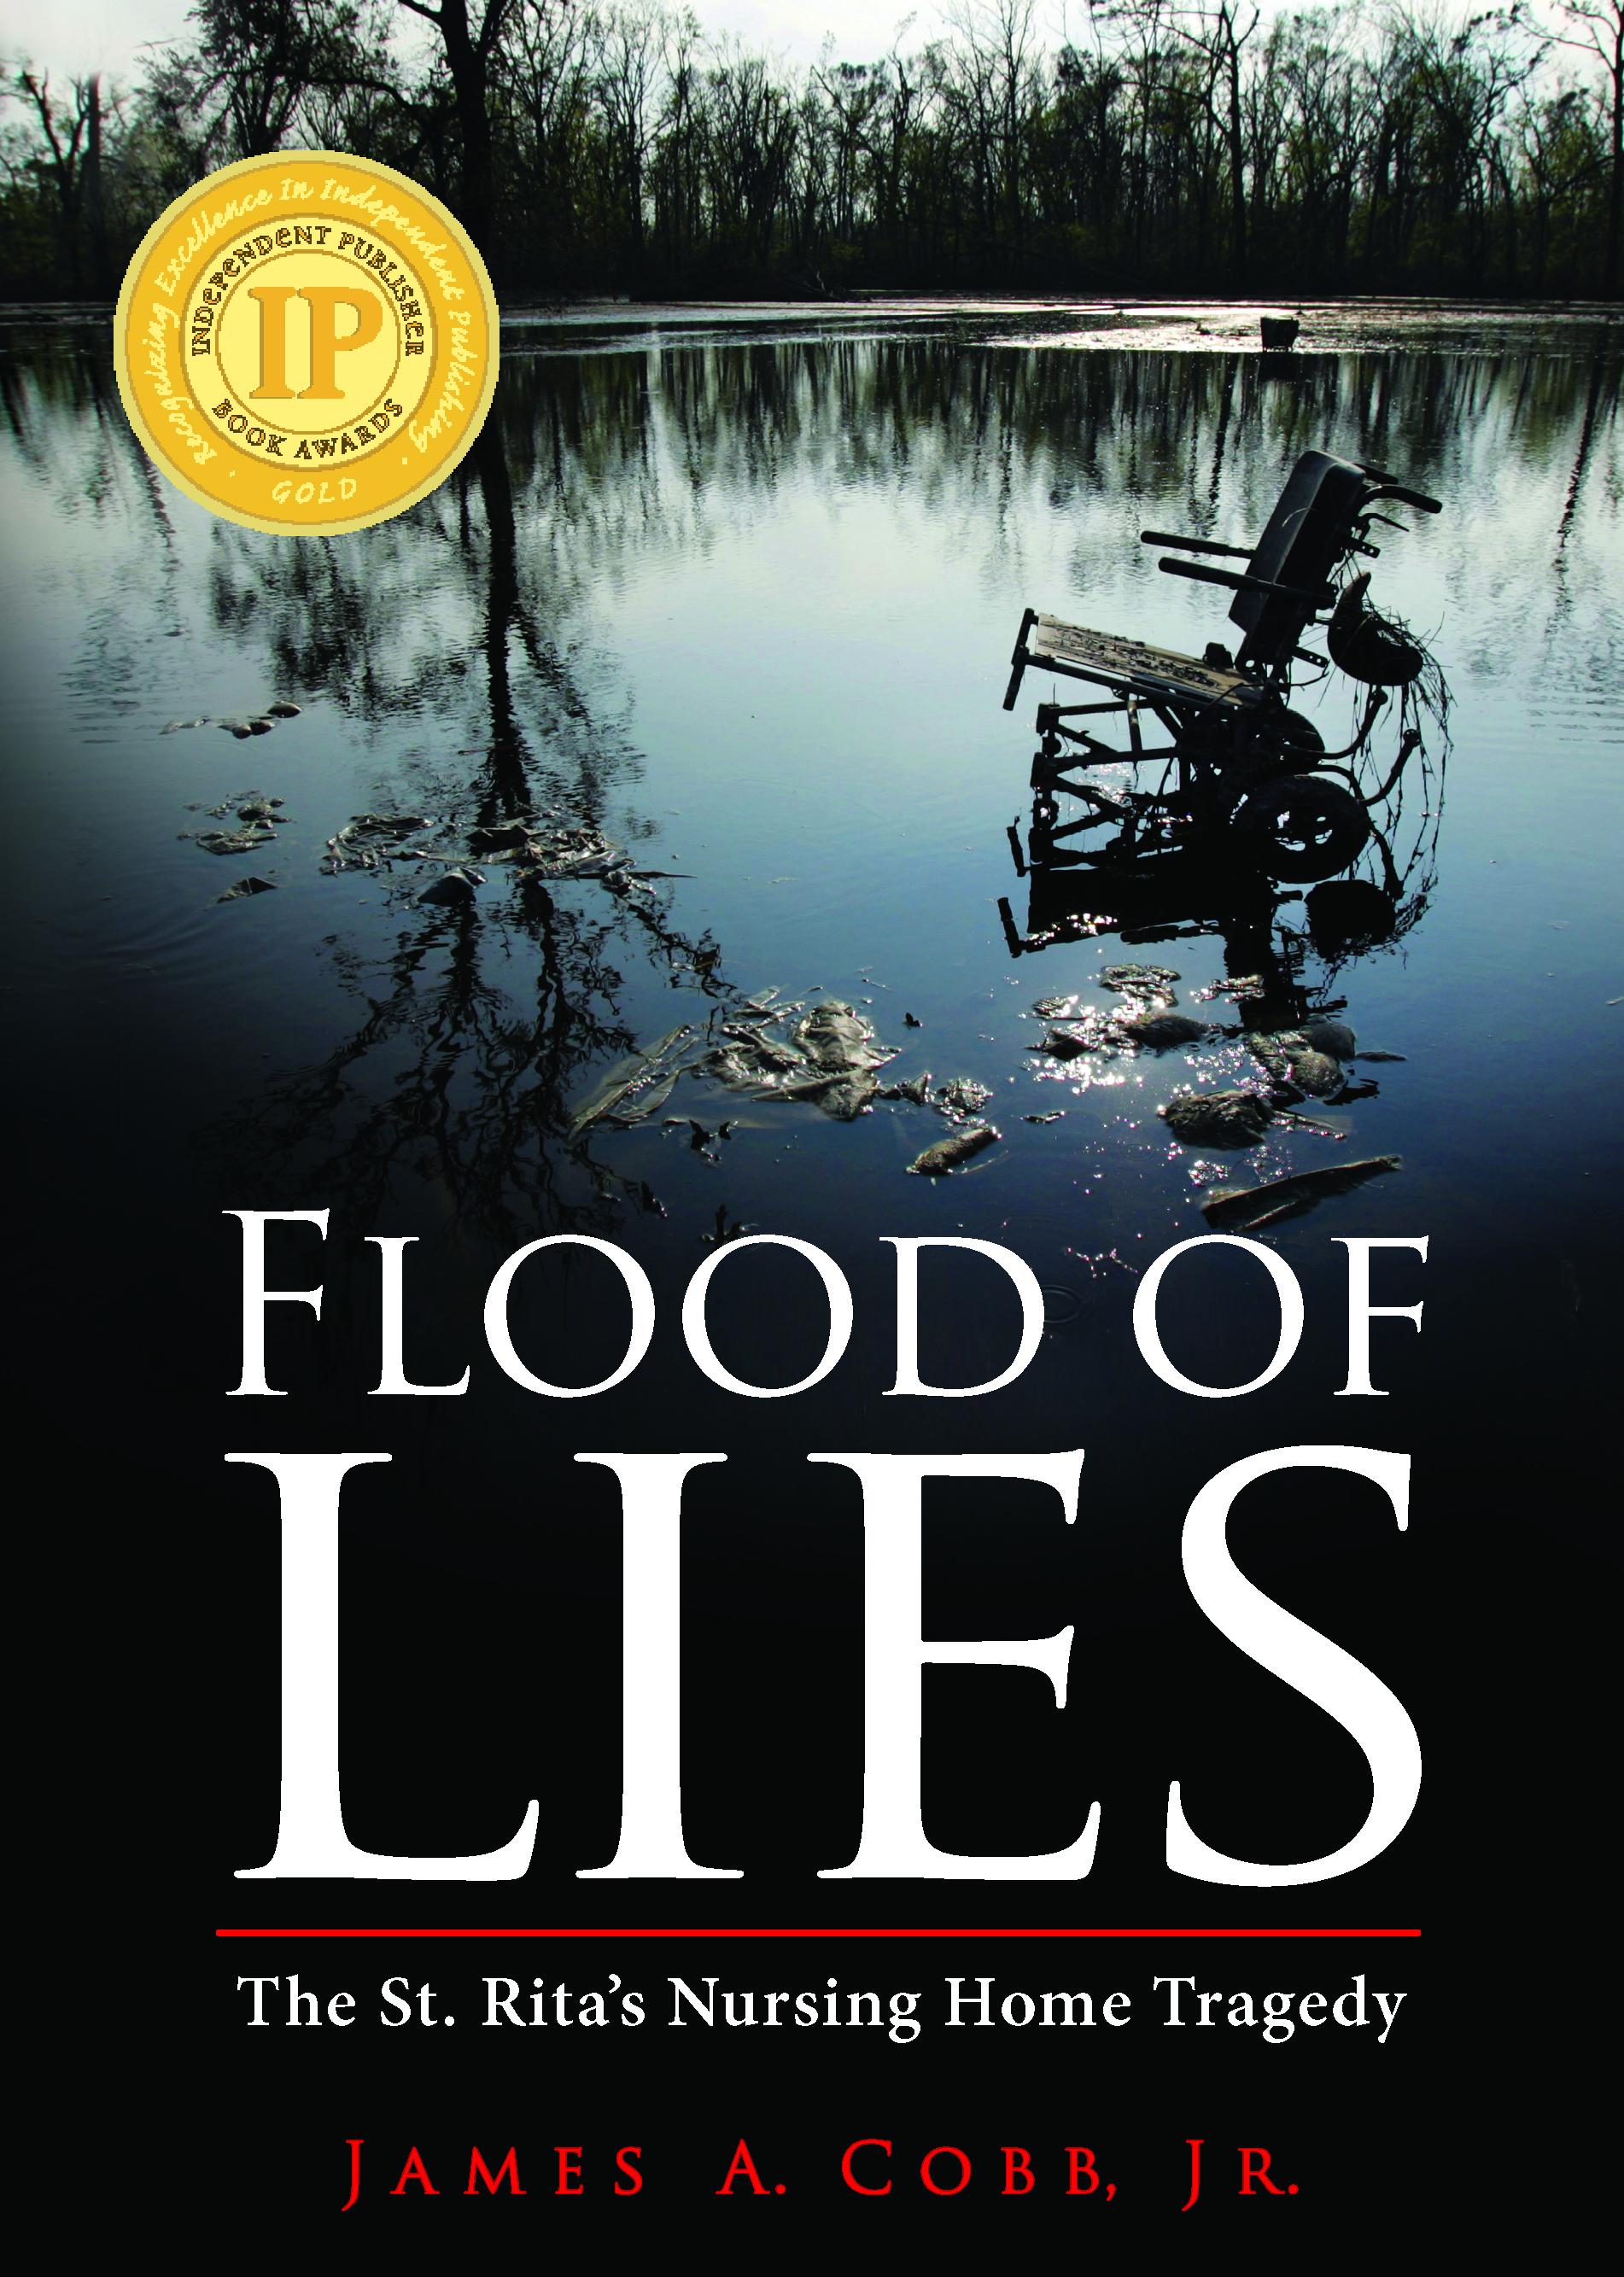 FLOOD OF LIES James A. Cobb Jr.